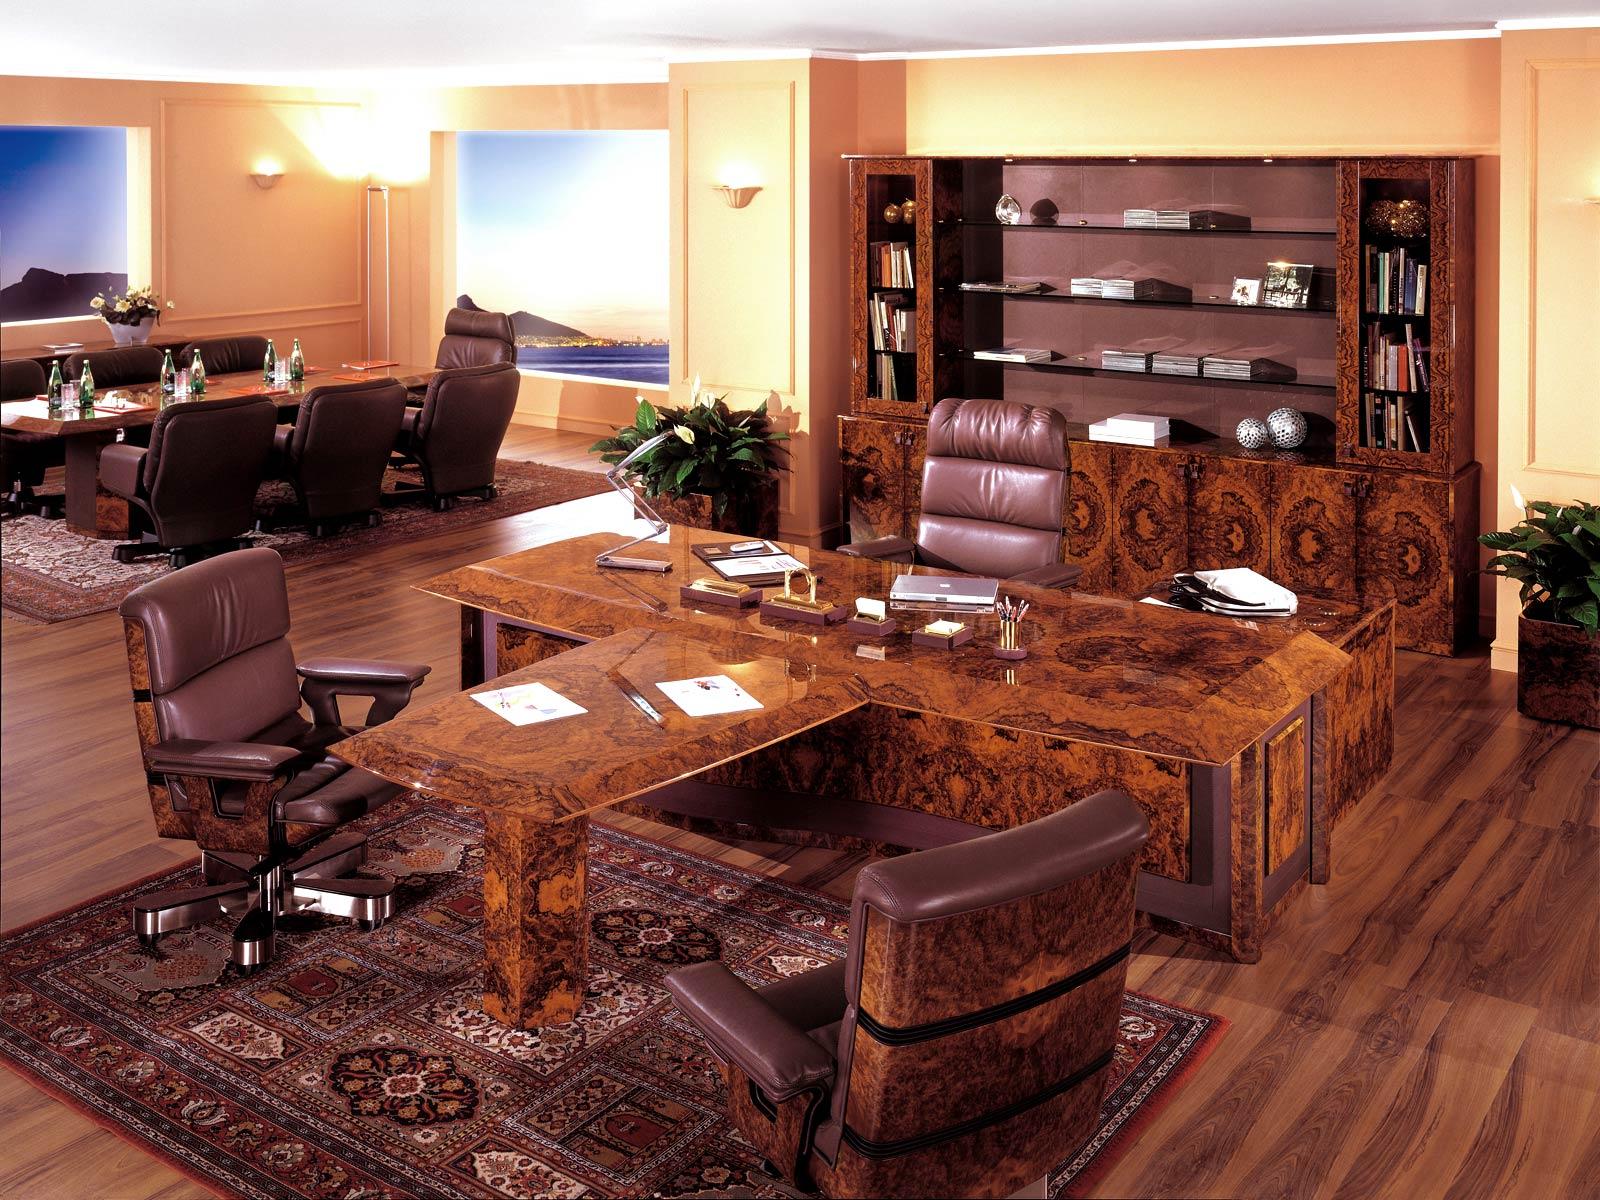 Cuf milano, la divisione di office design che fa capo a centrufficio. Executive And Presidential Luxury Office R A Mobili